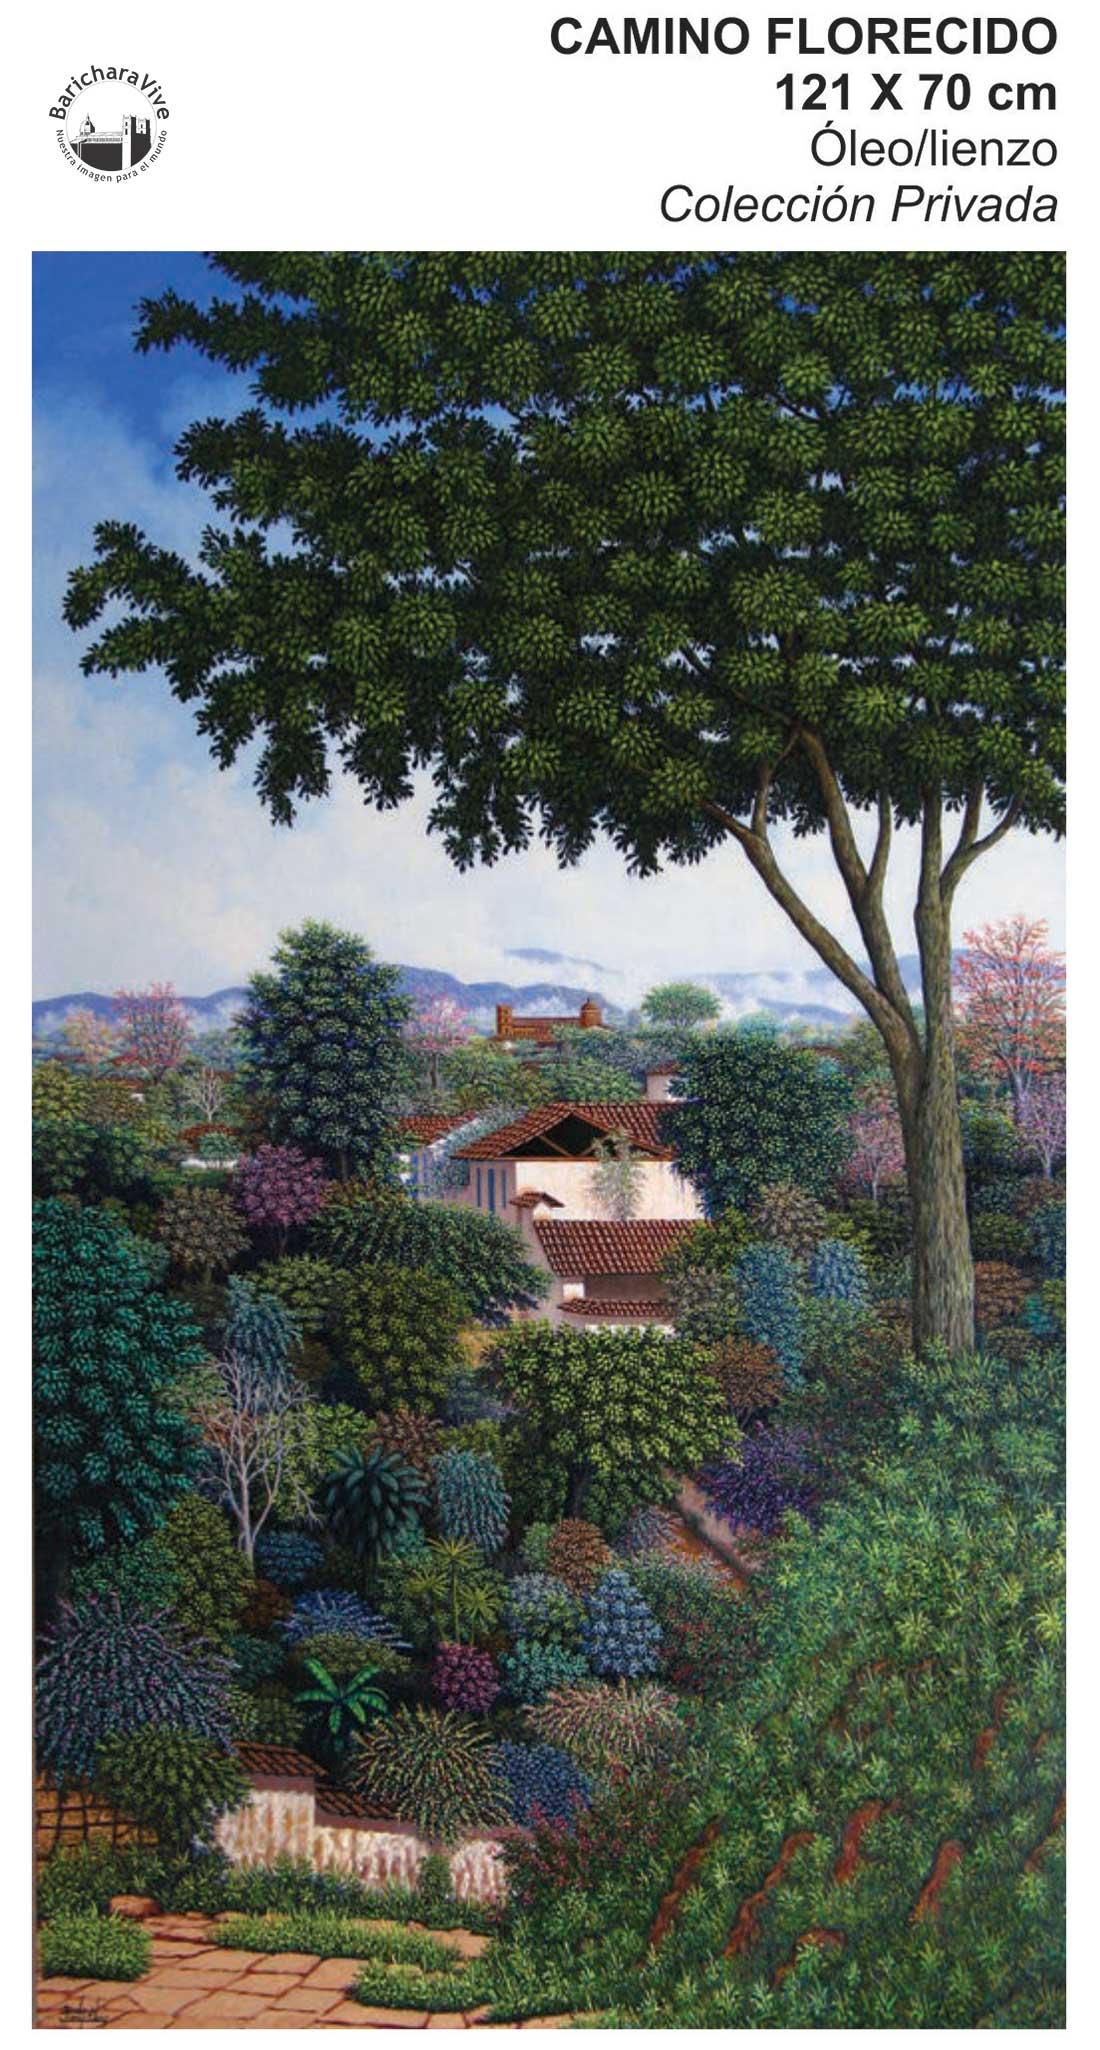 5-camino-florecido-exposicion-barichara-carlos-gonzalez